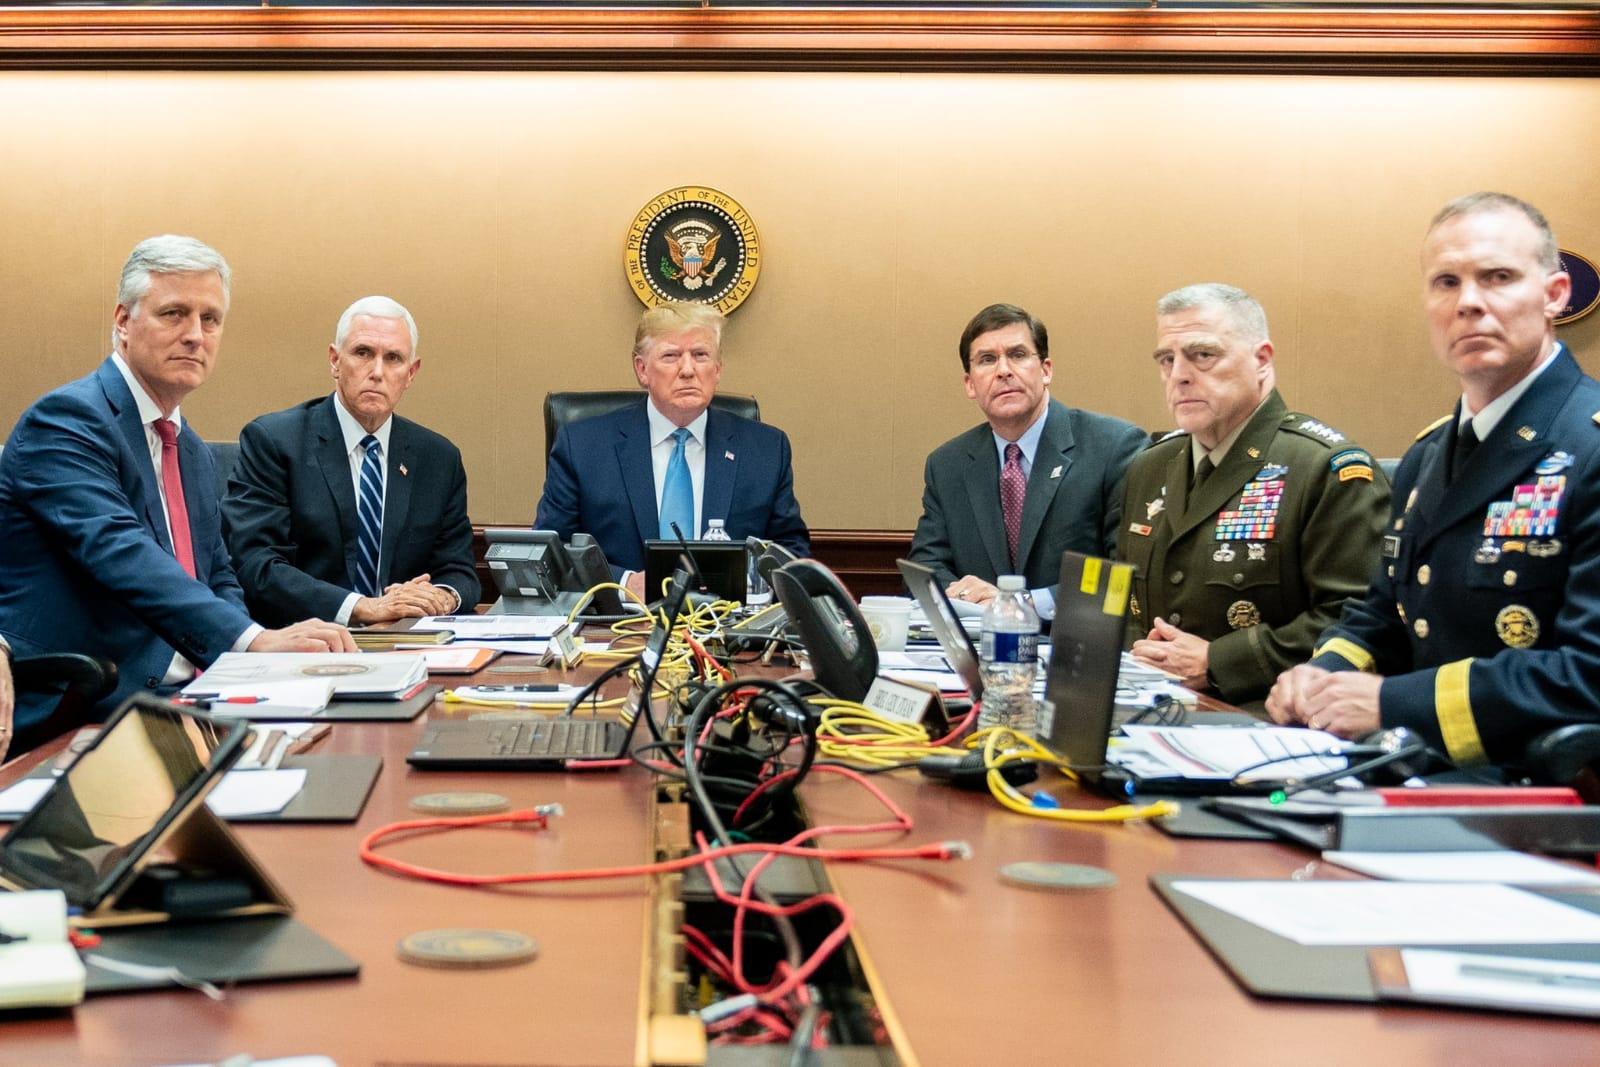 הנשיא וסגנו וראשי הצבא צופים בפעולה בשידור חי